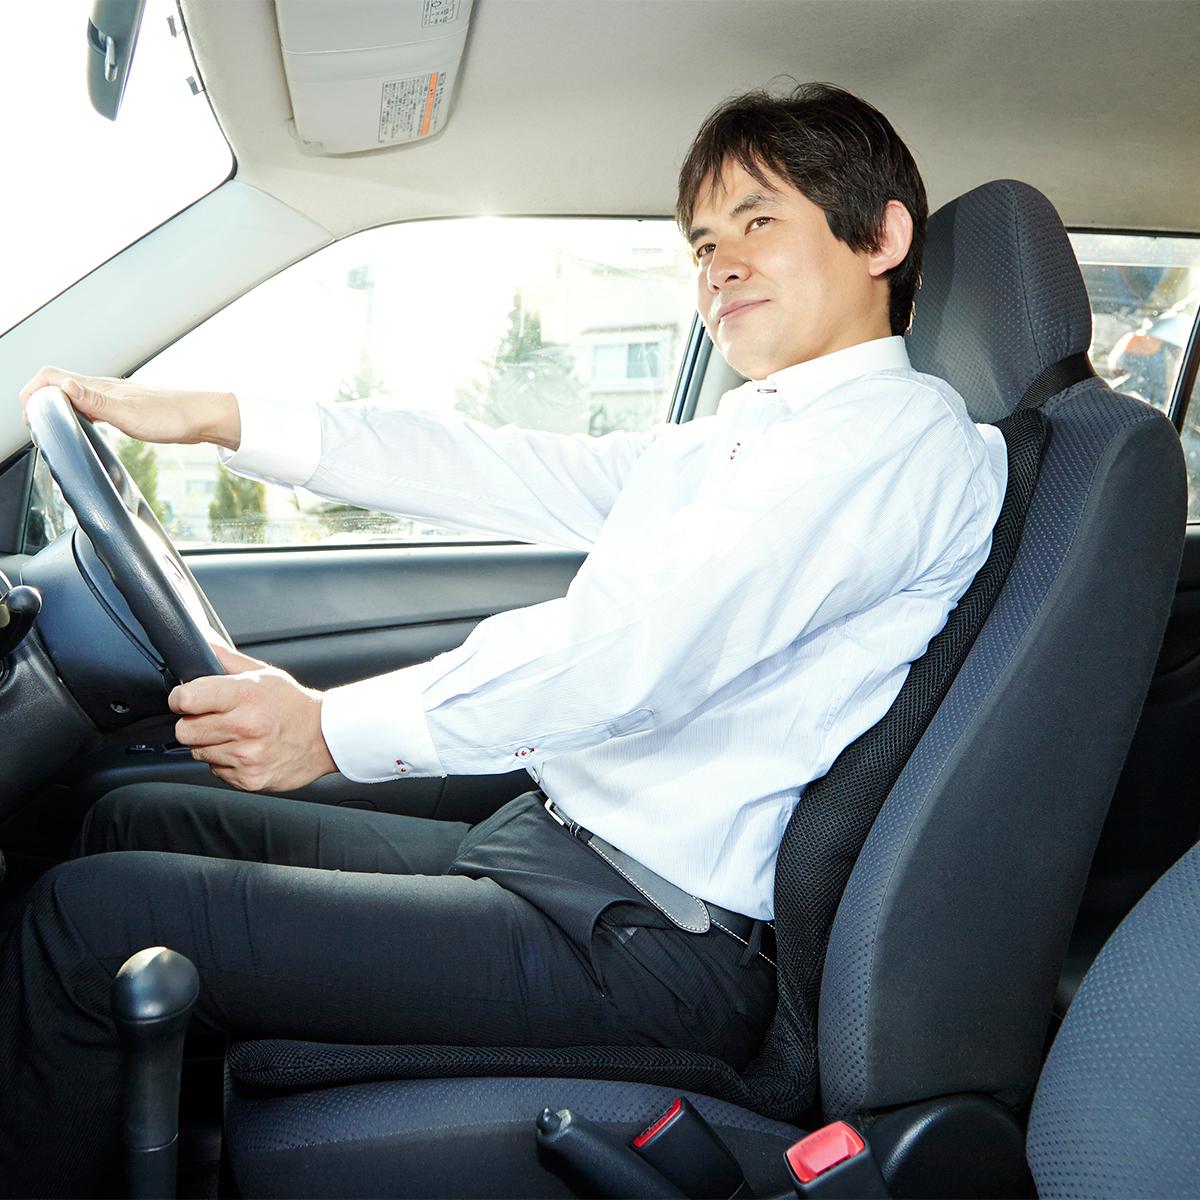 サービスエリアいらずの「運転席」|置くだけで、運転中ずっと、腰・背中・お尻がラクな車用シートクッション|P!nto Driver